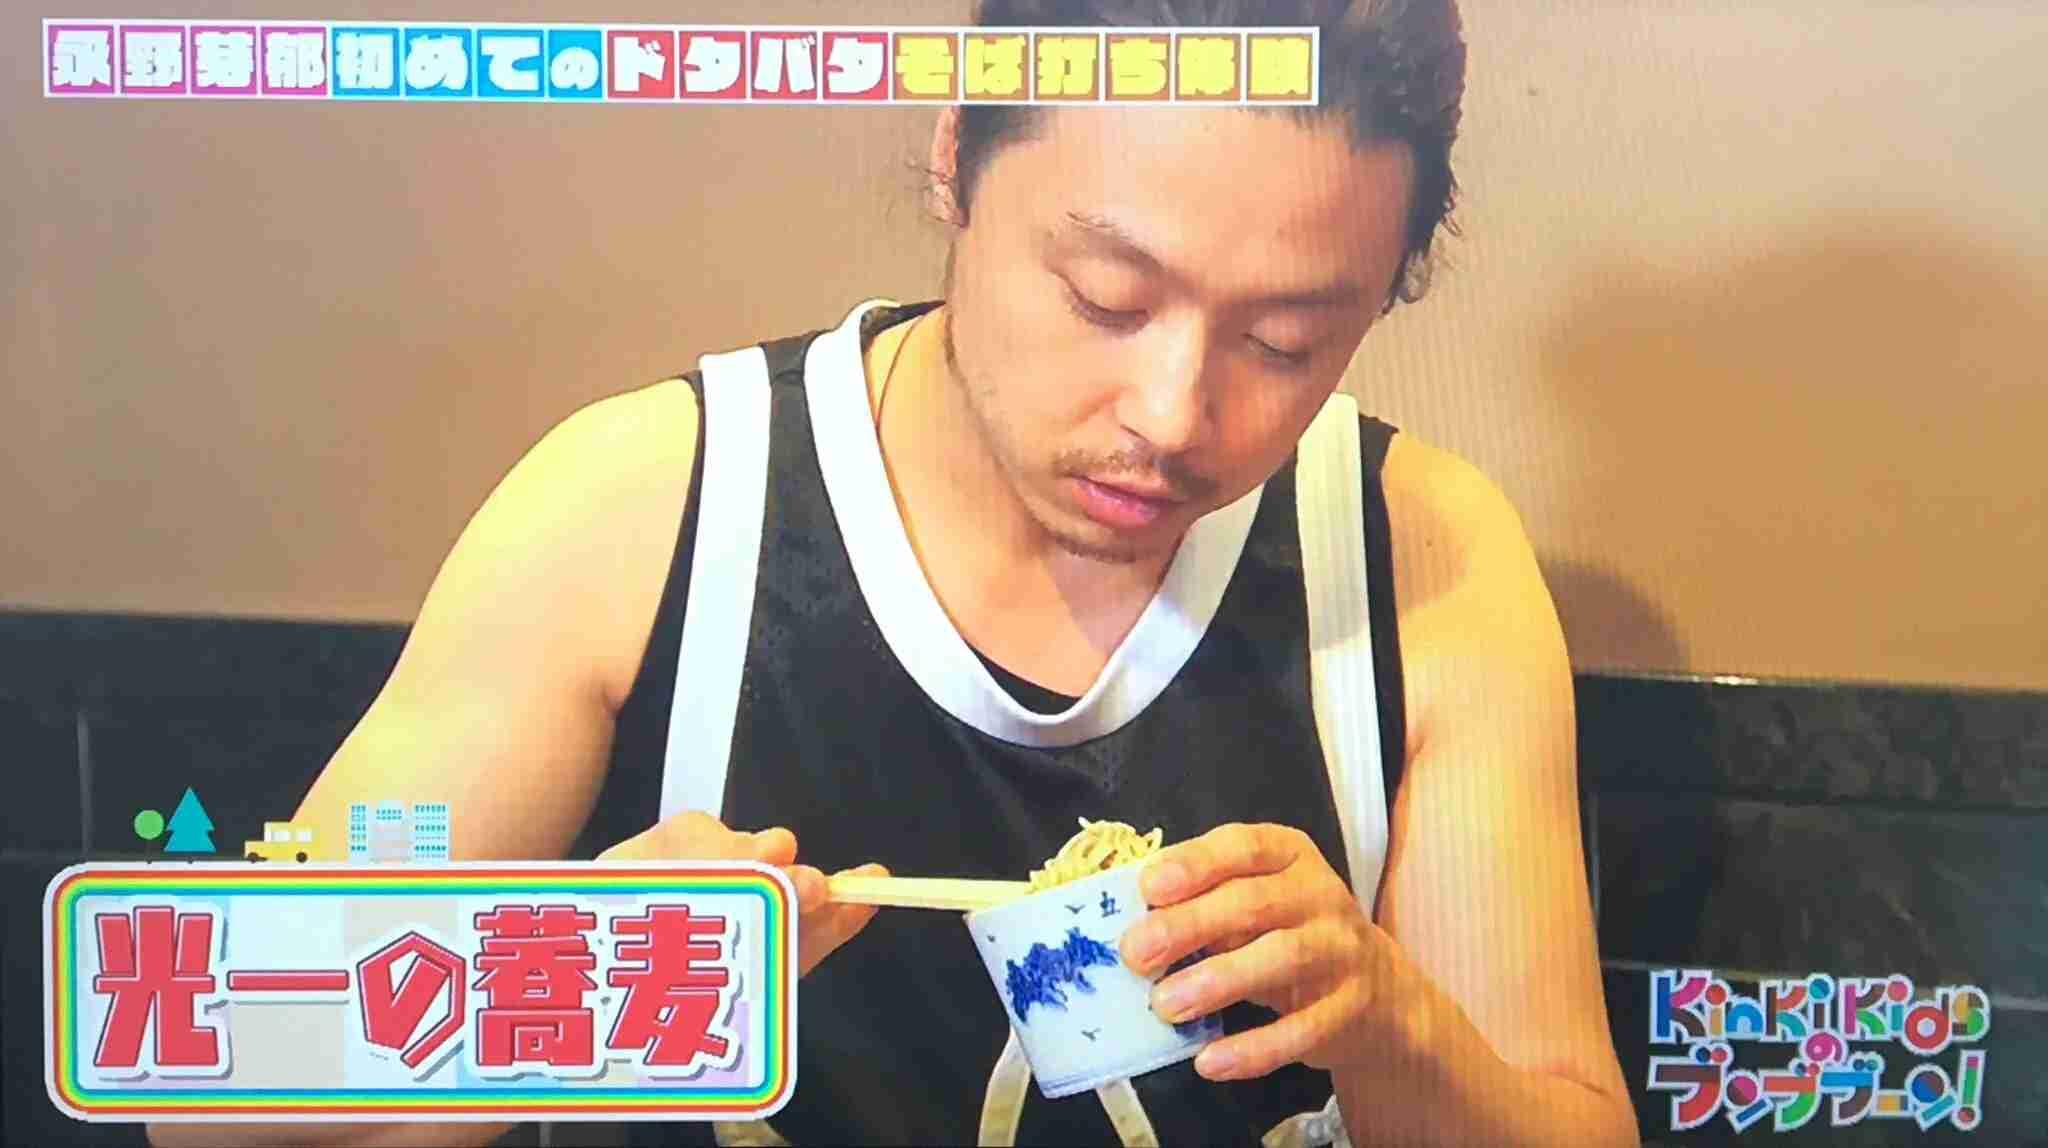 堂本剛、退院直後にキンキ番組ロケにサプライズ出演していた!堂本光一もビックリ